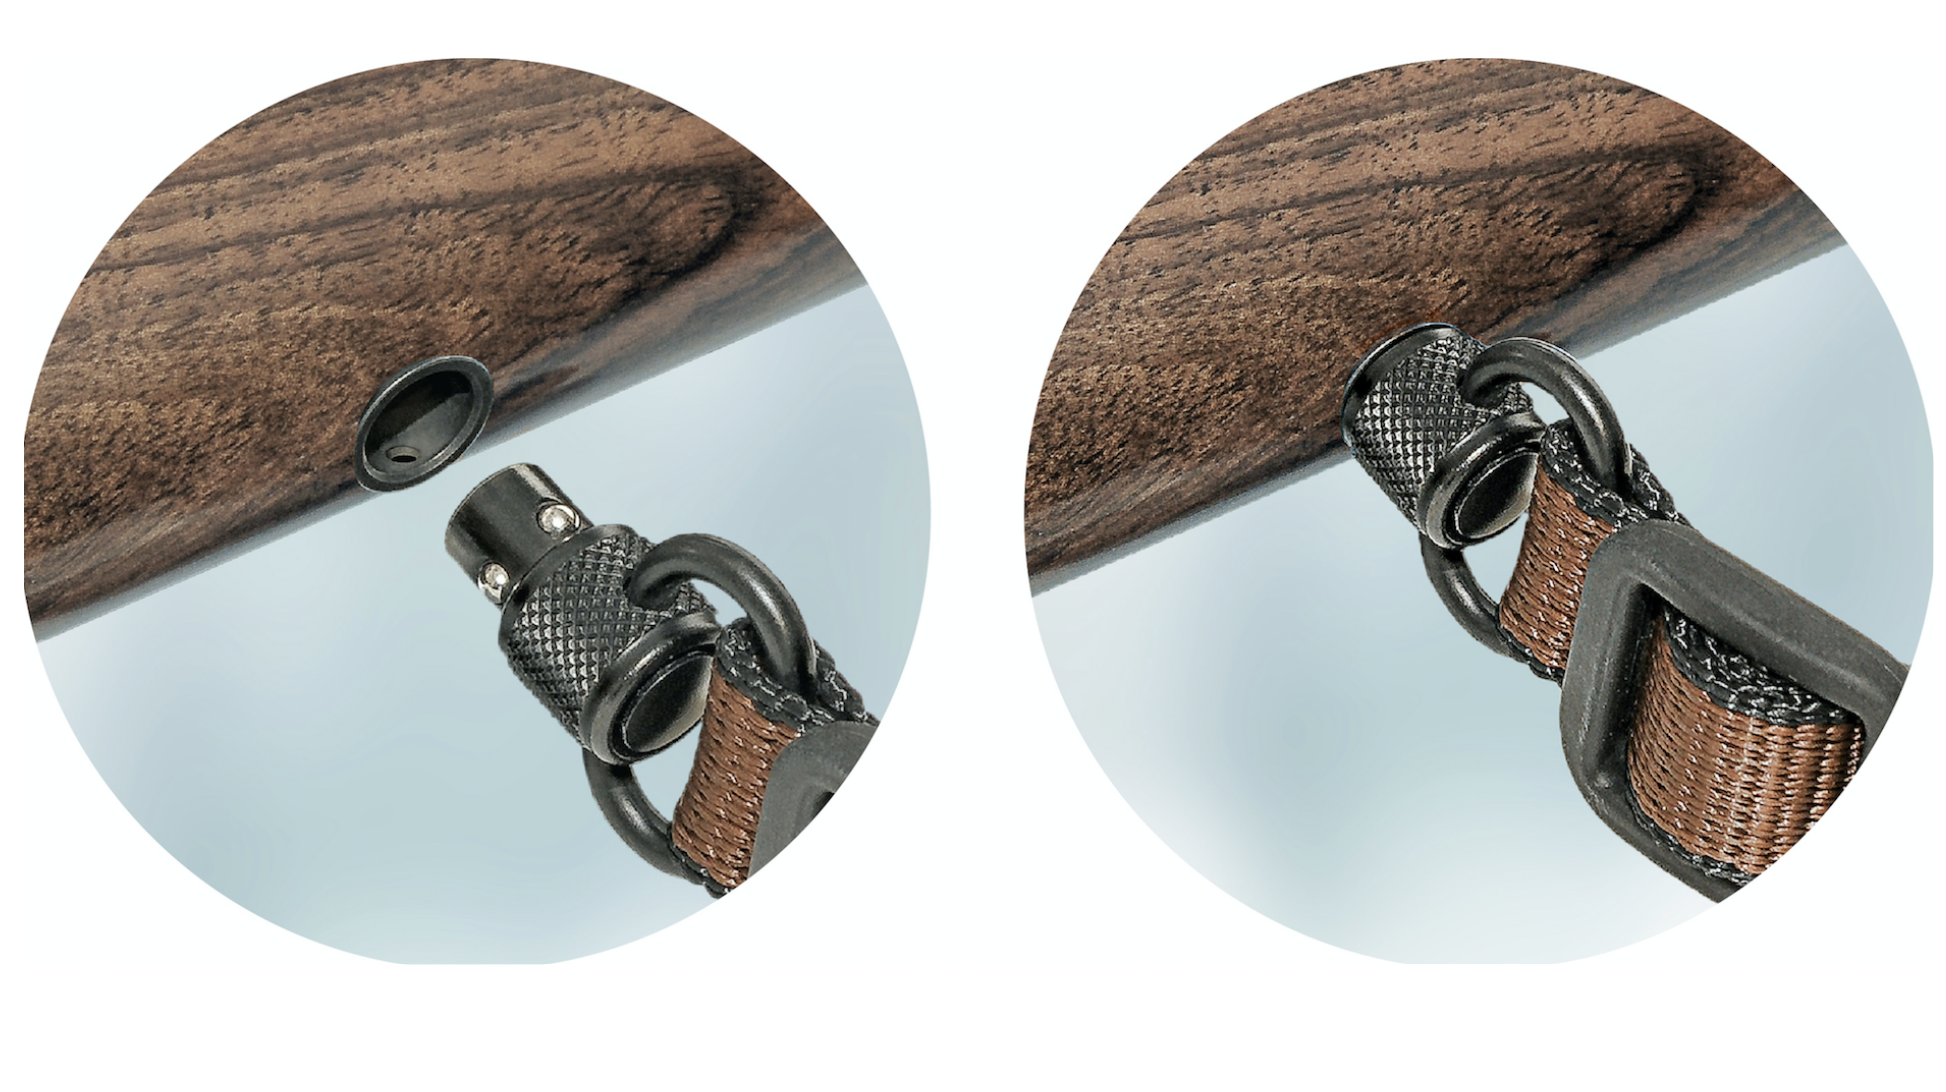 Riemenbügel und Aufnahmebuchse lassen sich auf Knopfdruck völlig lautlos verbinden und trennen. ©Halder